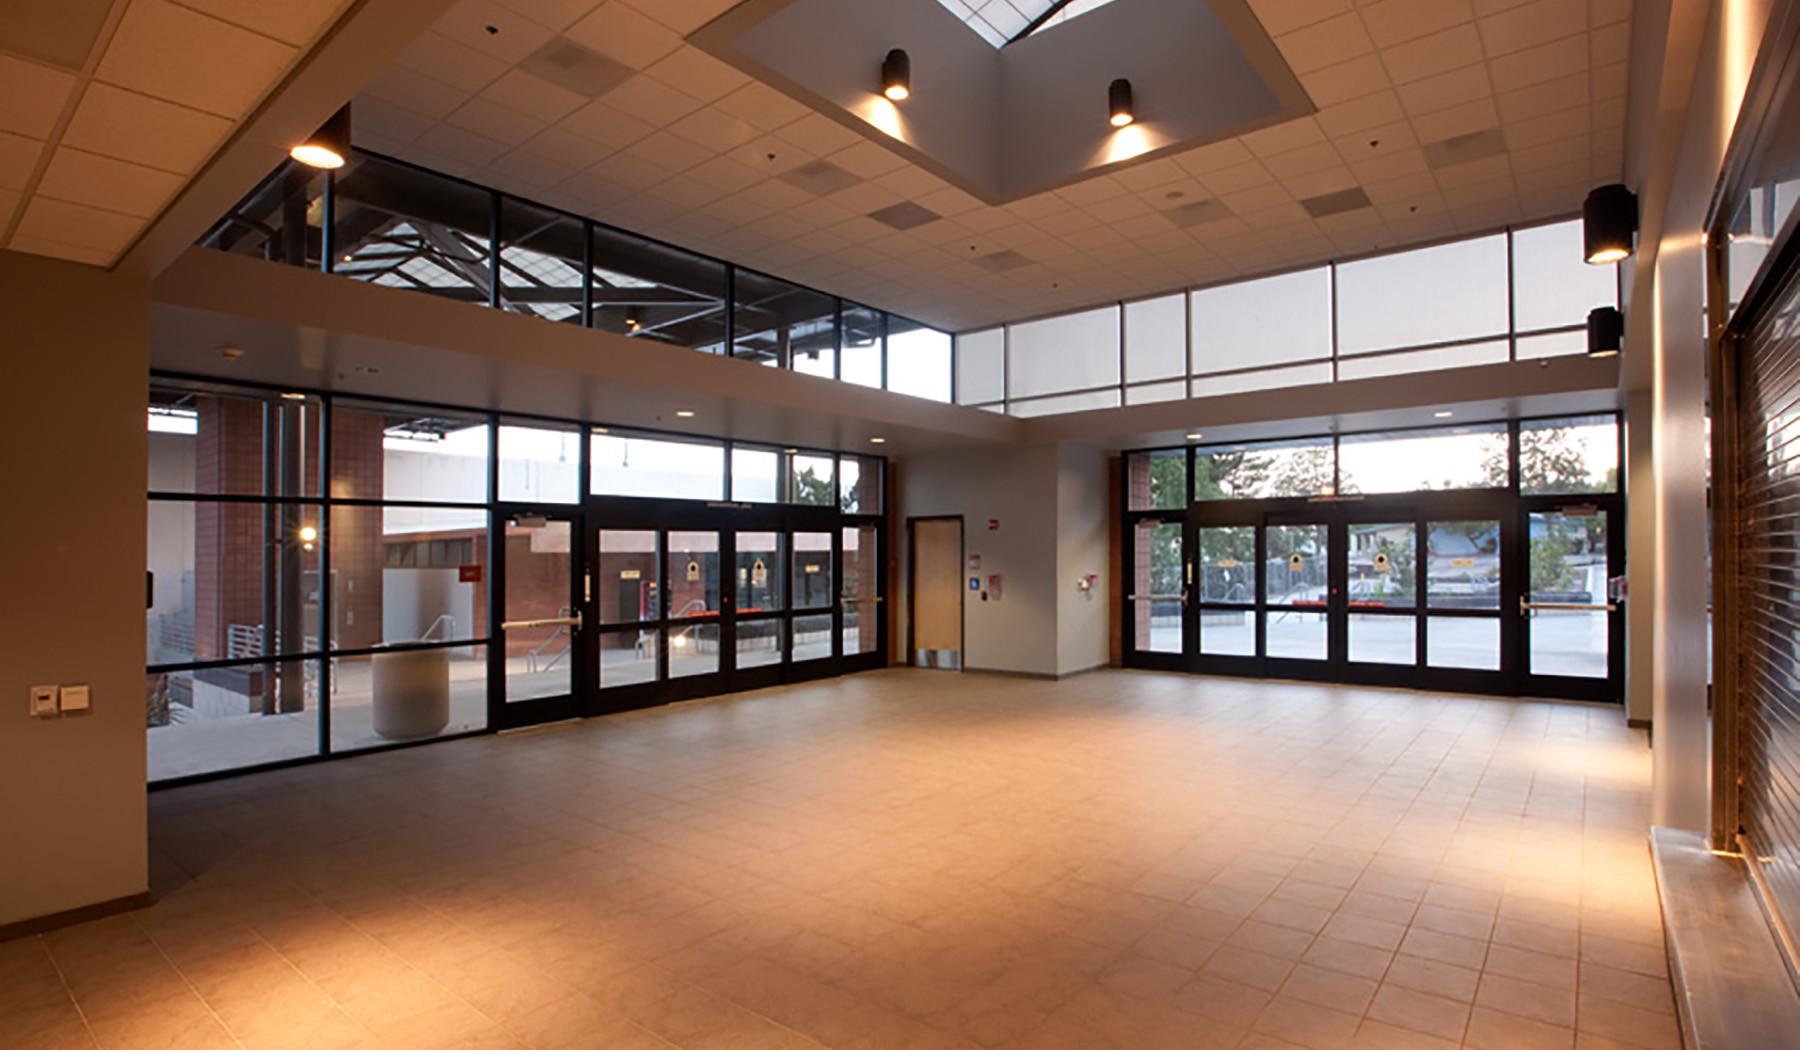 CCCD_CC_Sports Center_Lobby_20171003.jpg